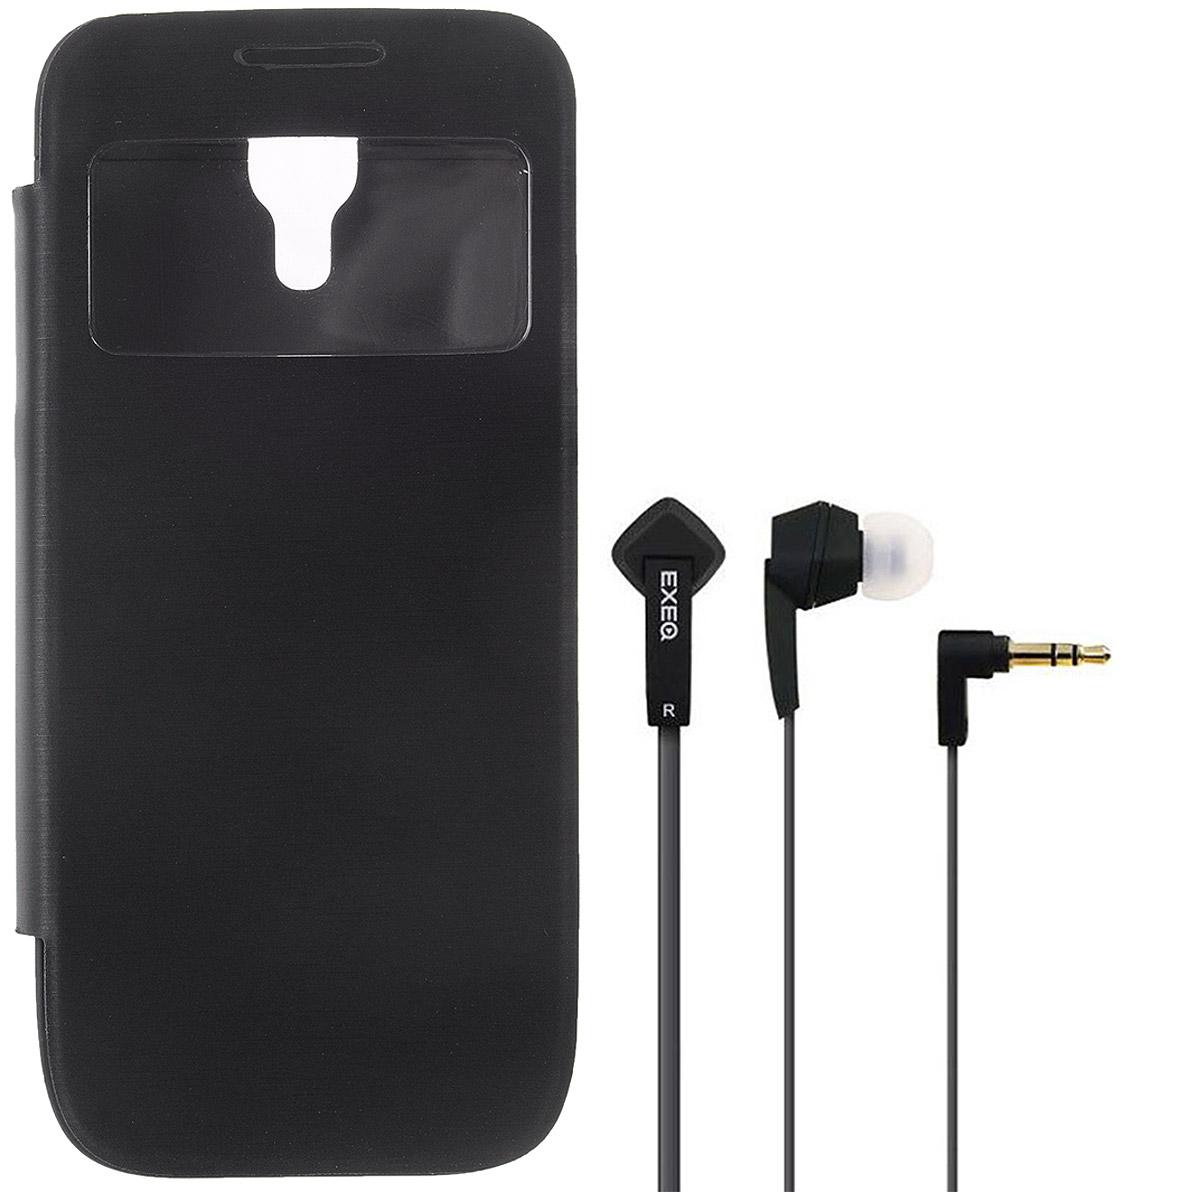 EXEQ HelpinG-SF04 чехол-аккумулятор для Samsung Galaxy S4 mini, Black (2200 мАч, флип-кейс)HelpinG-SF04 BLExeq HelpinG-SF04 - элегантный аксессуар для Samsung Galaxy S4 Mini, идеально сочетающий в себе надежный чехол и дополнительный аккумулятор. Как чехол HelpinG-SF04 надежно защитит смартфон от загрязнений, царапин и ударов. Причем надежная защита будет обеспечена не только задней и боковым панелям телефона, но и дисплею - чехол оснащен специальной откидной крышкой Smart-cover, которая не только защитит дисплей, но и позволит регулировать работу экрана. Как внешний аккумулятор с емкостью в 2200 мАч HelpinG-SF04 способен увеличить время работы смартфона в два раза, обеспечив дополнительную подпитку батареи в самые необходимые моменты. При этом чехол-аккумулятор имеет настолько компактные размеры, что его подсоединение практически не повлияет на габариты самого смартфона. Конструкция чехла предусматривает удобный доступ ко всем элементам управления смартфона, камере, встроенному микрофону и динамику. Даже зарядку телефона можно осуществлять непосредственно через чехол, просто подсоединив зарядное устройство телефона к чехлу и нажав кнопку питания на чехле (если кнопку не нажимать, то будет происходить зарядка чехла). Аналогично происходит и подключение телефона к компьютеру - HelpinG-SF04 обеспечивает идеальную передачу данных между смартфоном и другими электронными устройствами.В комплект также входят высококачественные наушники Exeq HPC-002 с плоским кабелем с защитой от спутывания. Для блокировки нежелательных шумов в комплекте с наушниками поставляются мягкие силиконовые амбушюры 3-х размеров, которые удобно помещаются в ушах и не оказывают давления на ушную раковину. Прочный L-образный штекер с позолоченным коннектором 3,5 мм позволит комфортно подключить Exeq HPC-002 ко многим портативным устройствам.Технические характеристики Exeq HPC-002:Частотный диапазон: 19-20000 ГцДинамики: 10 ммЧувствительность: 105 дБИмпеданс: 16 Ом